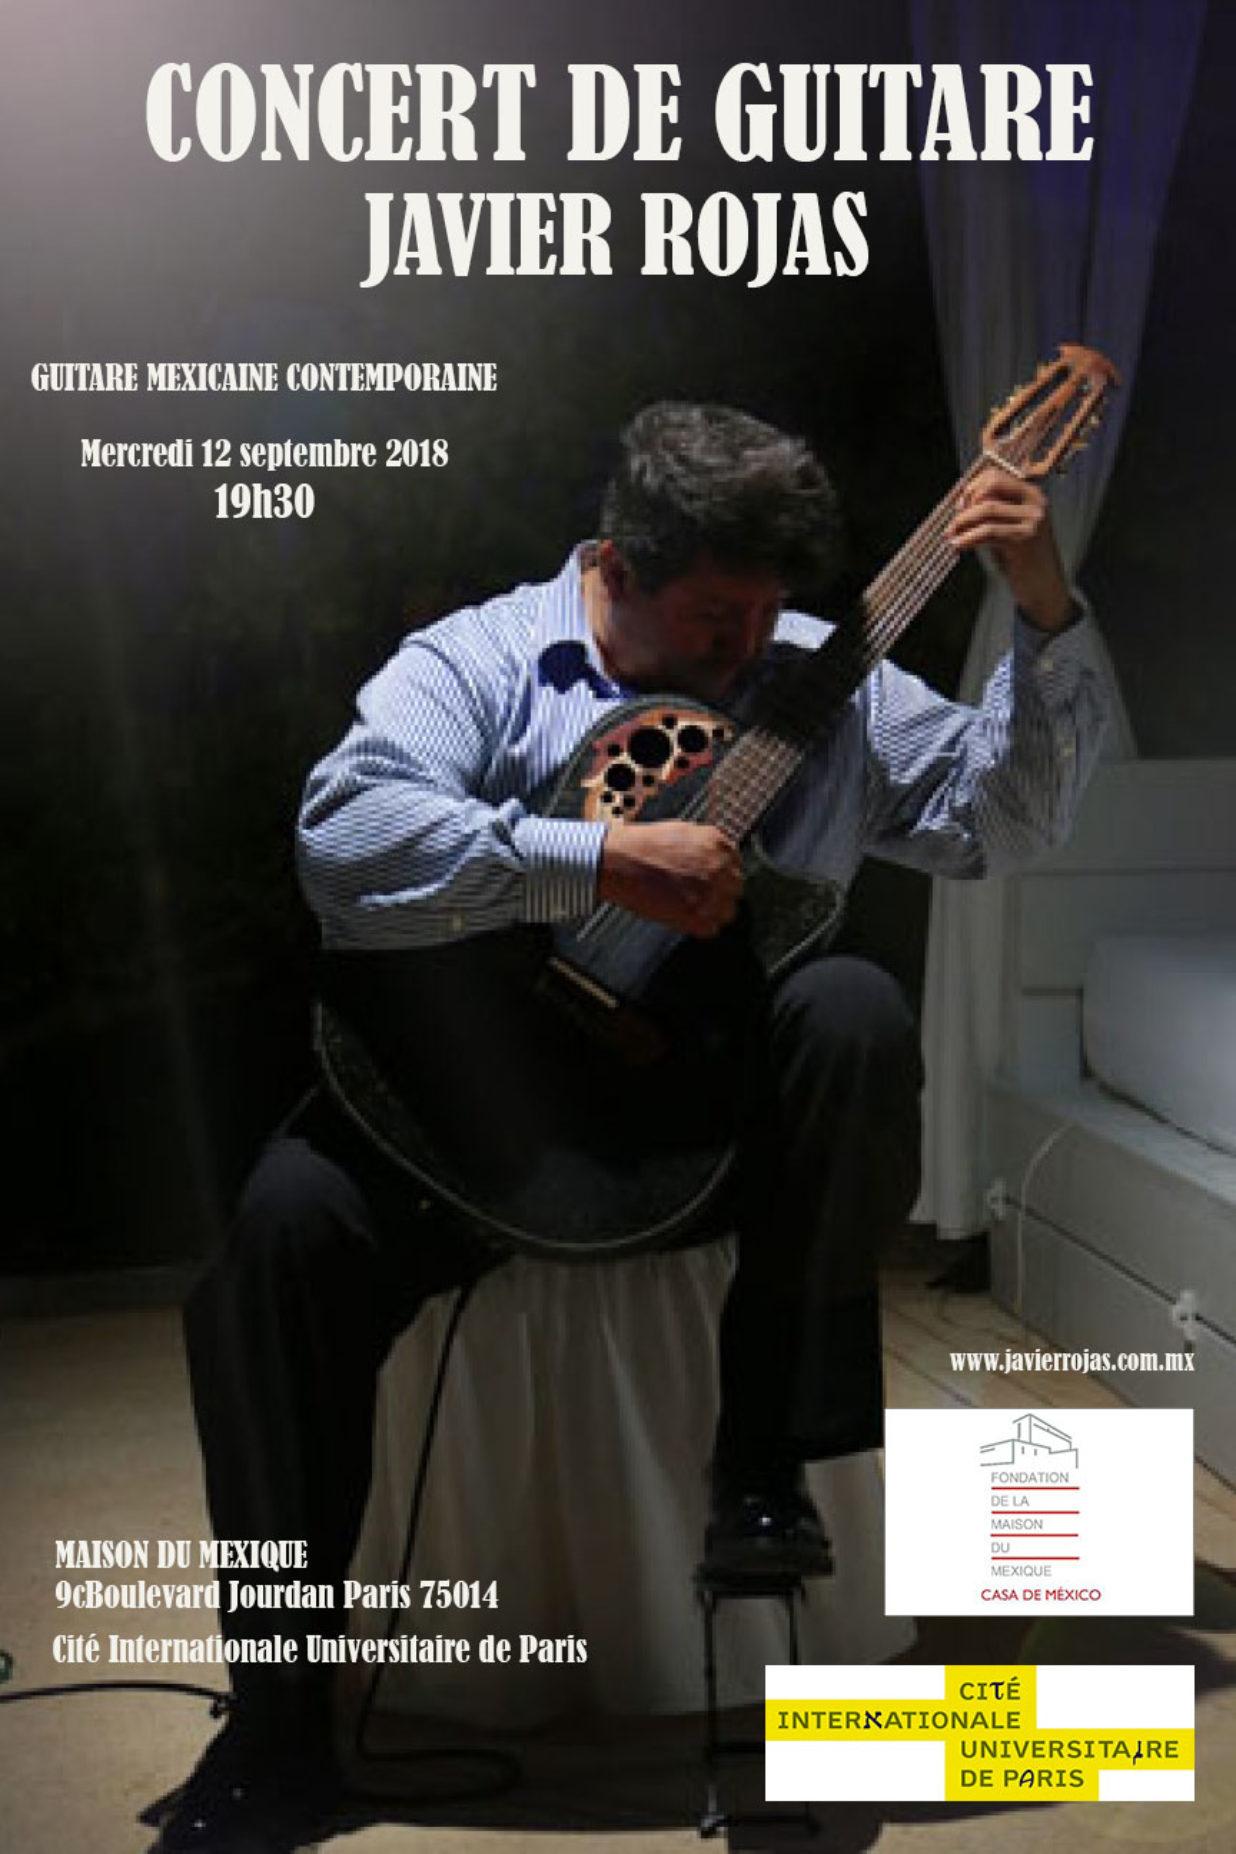 Cartel Concert de guitare Maison du Mexique